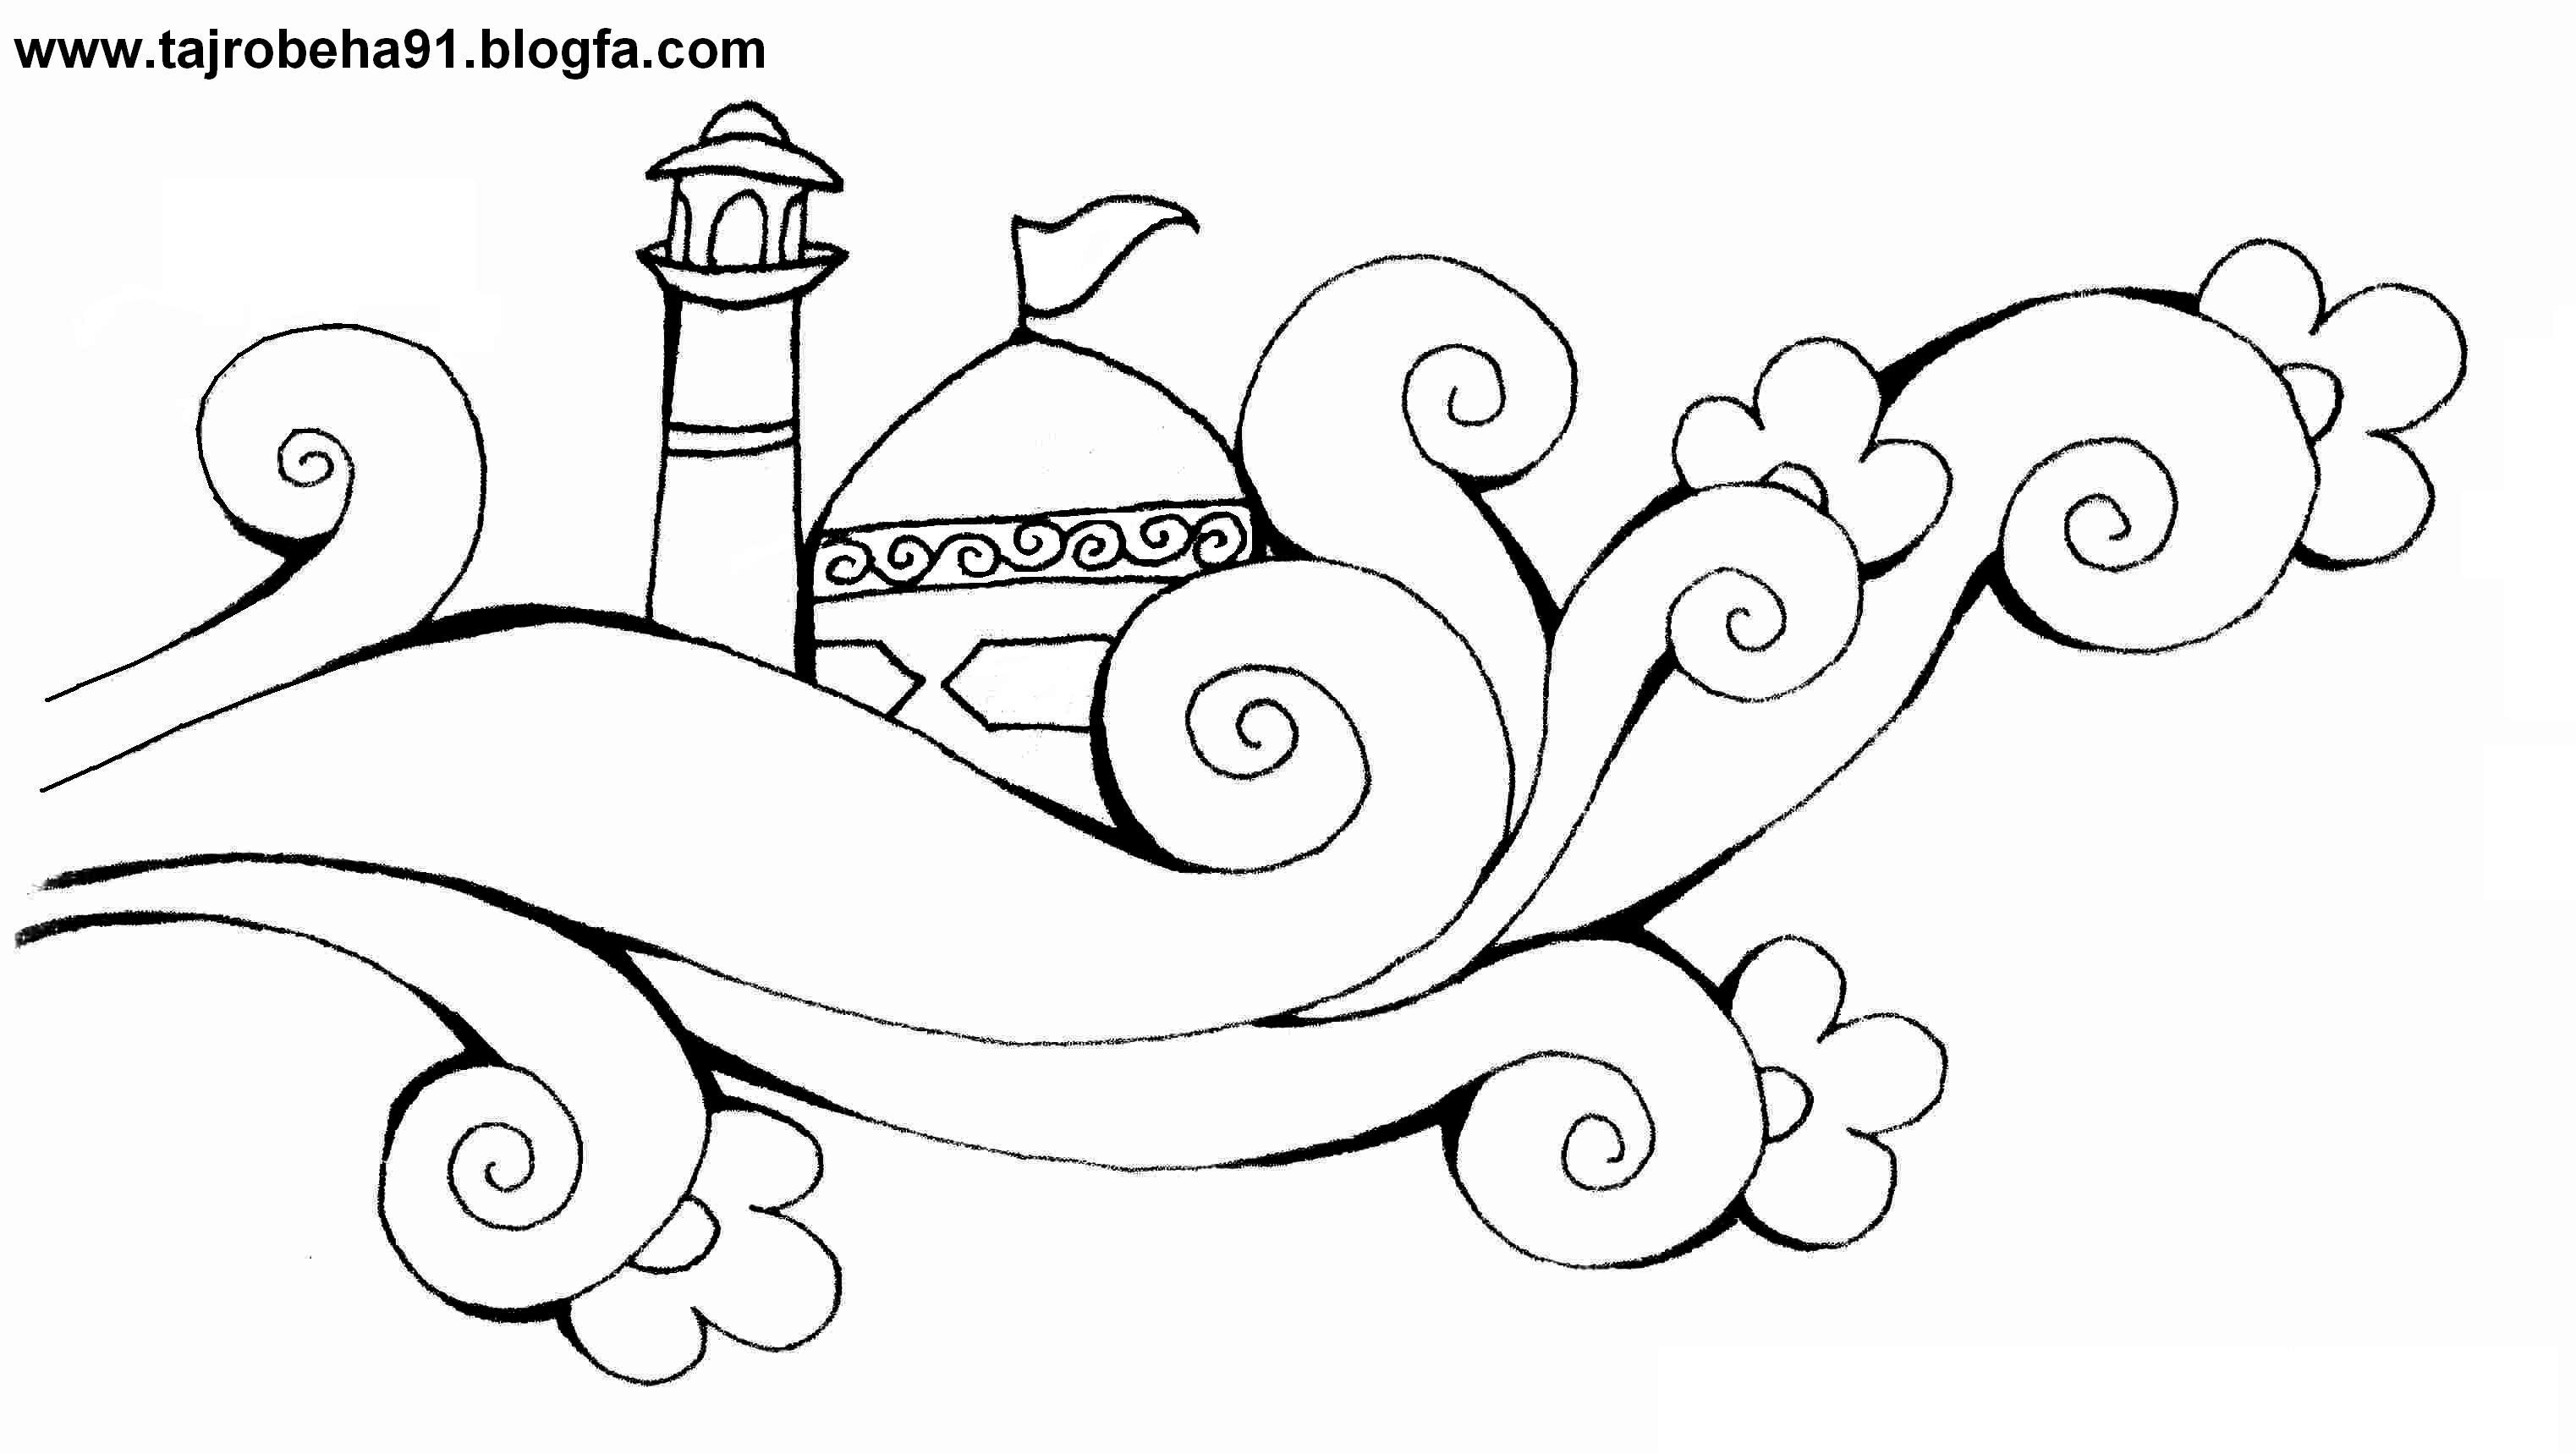 تصویر مذهبی کودکانه برای رنگ آمیزی میلاد امام رضا ع